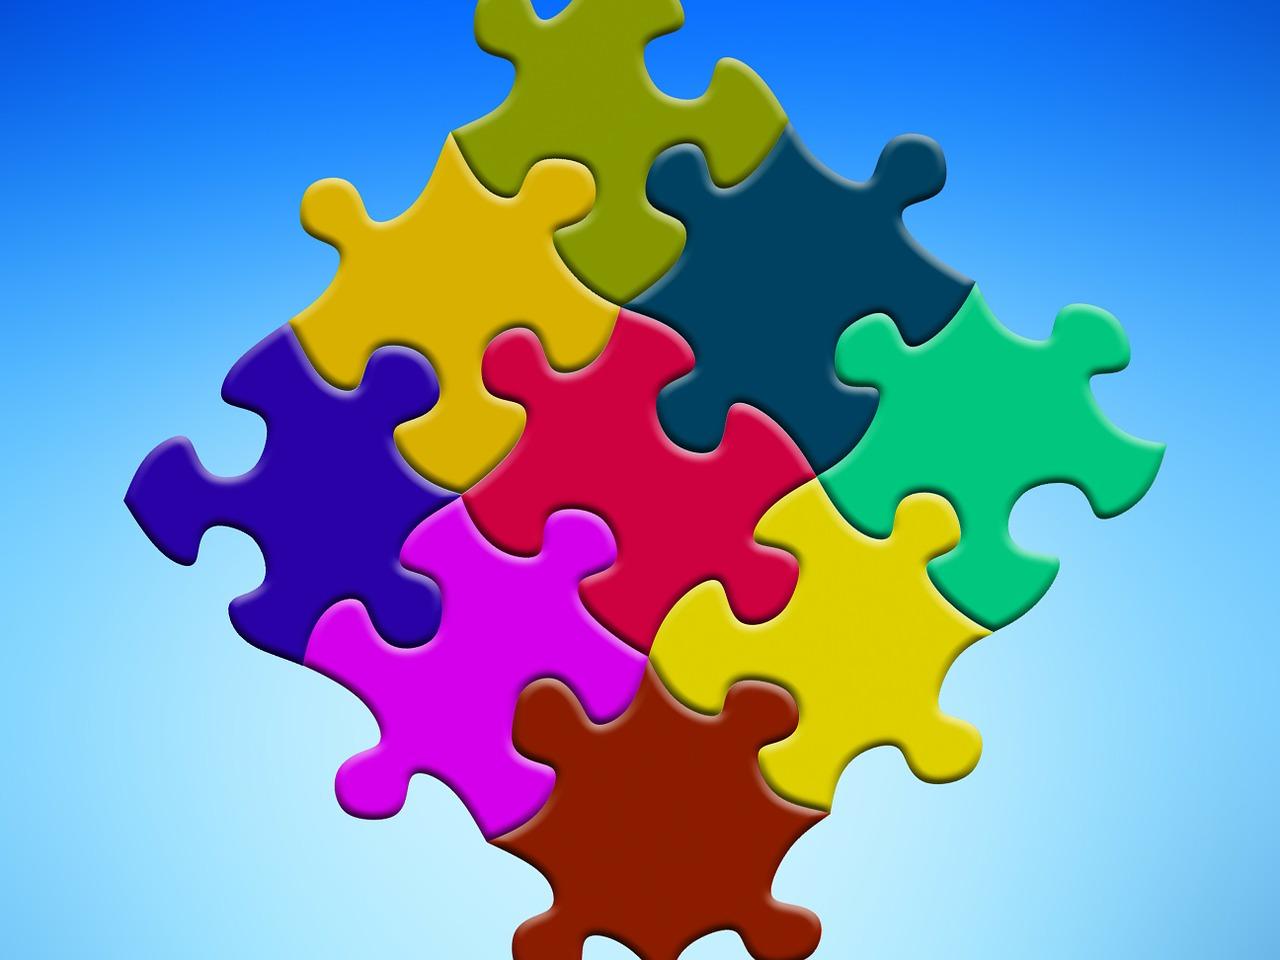 puzzle-210785_1280